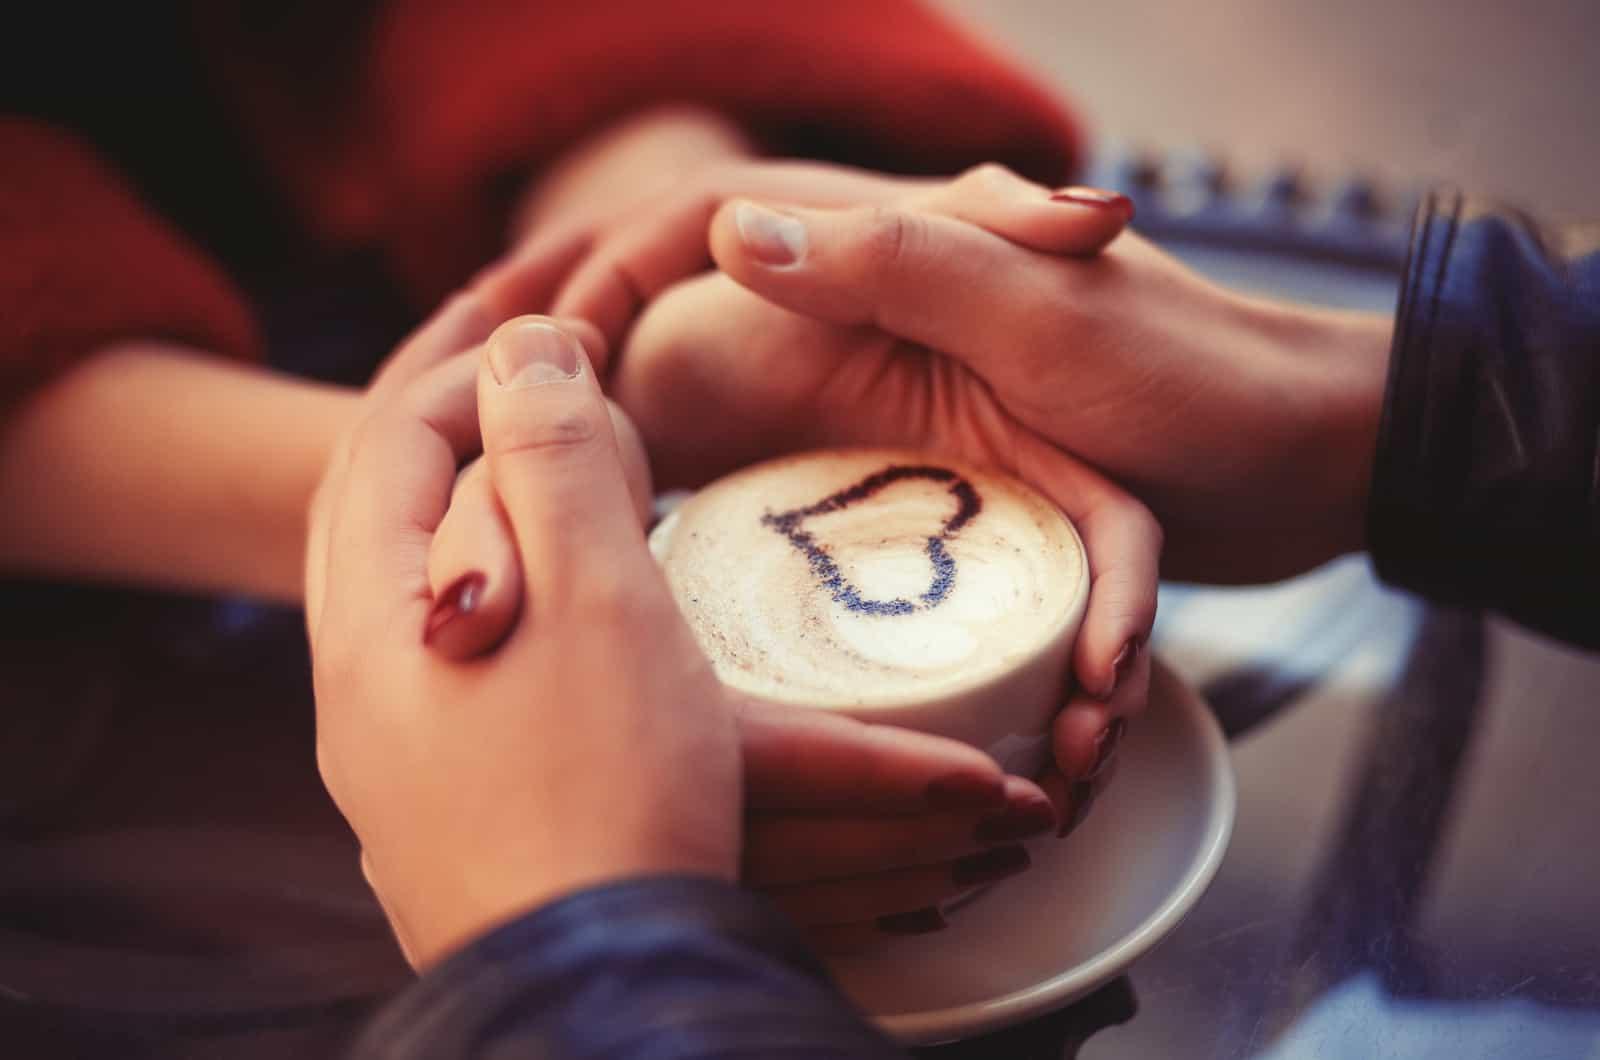 Vier Hände um eine Tasse Kaffee mit Herzzeichnung gewickelt